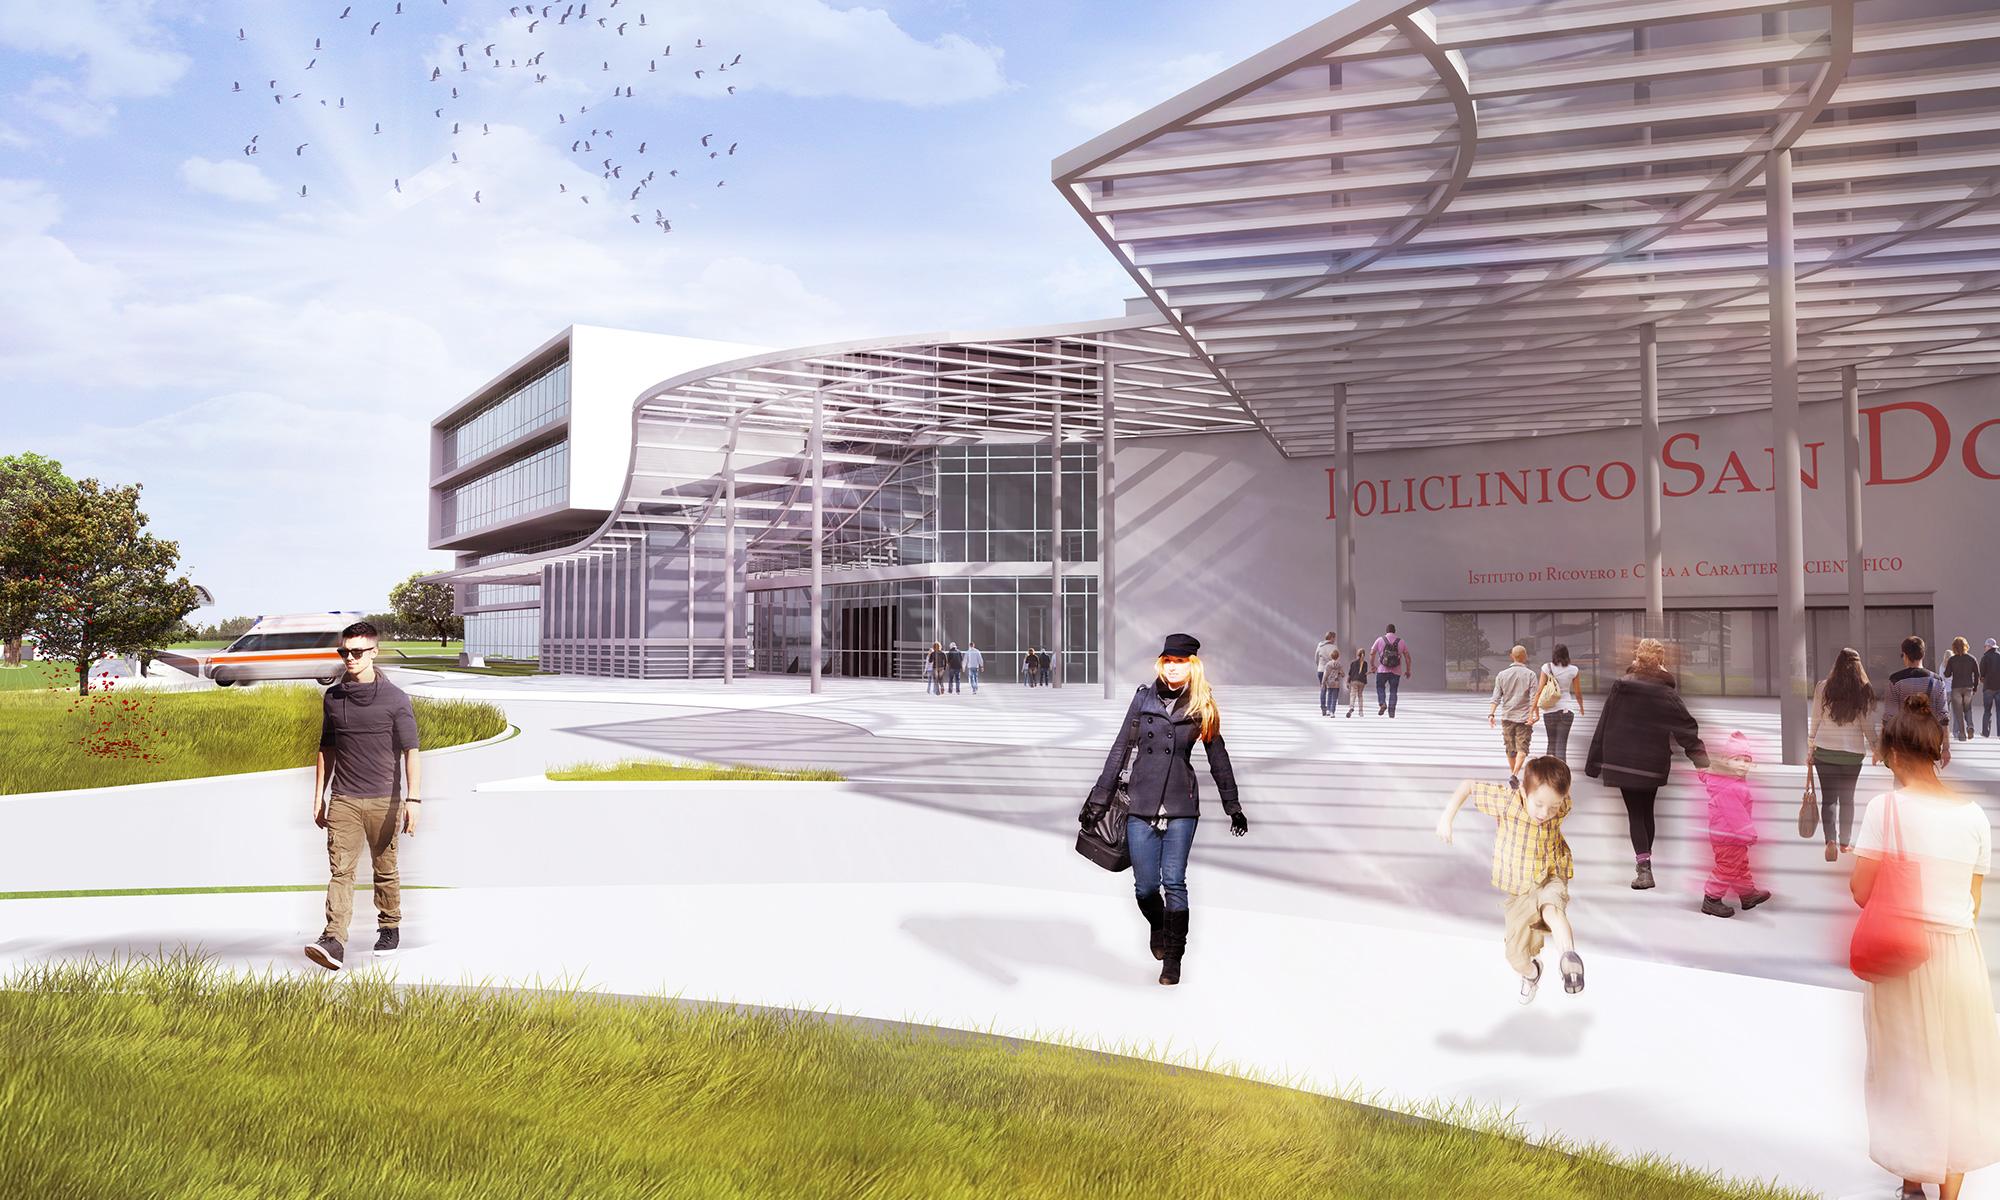 Architetto Sara Galeazzi, Masterplan IRCCS Policlinico San Donato, Binini Partners , Società di architettura e ingegneria, Reggio Emilia, Italia